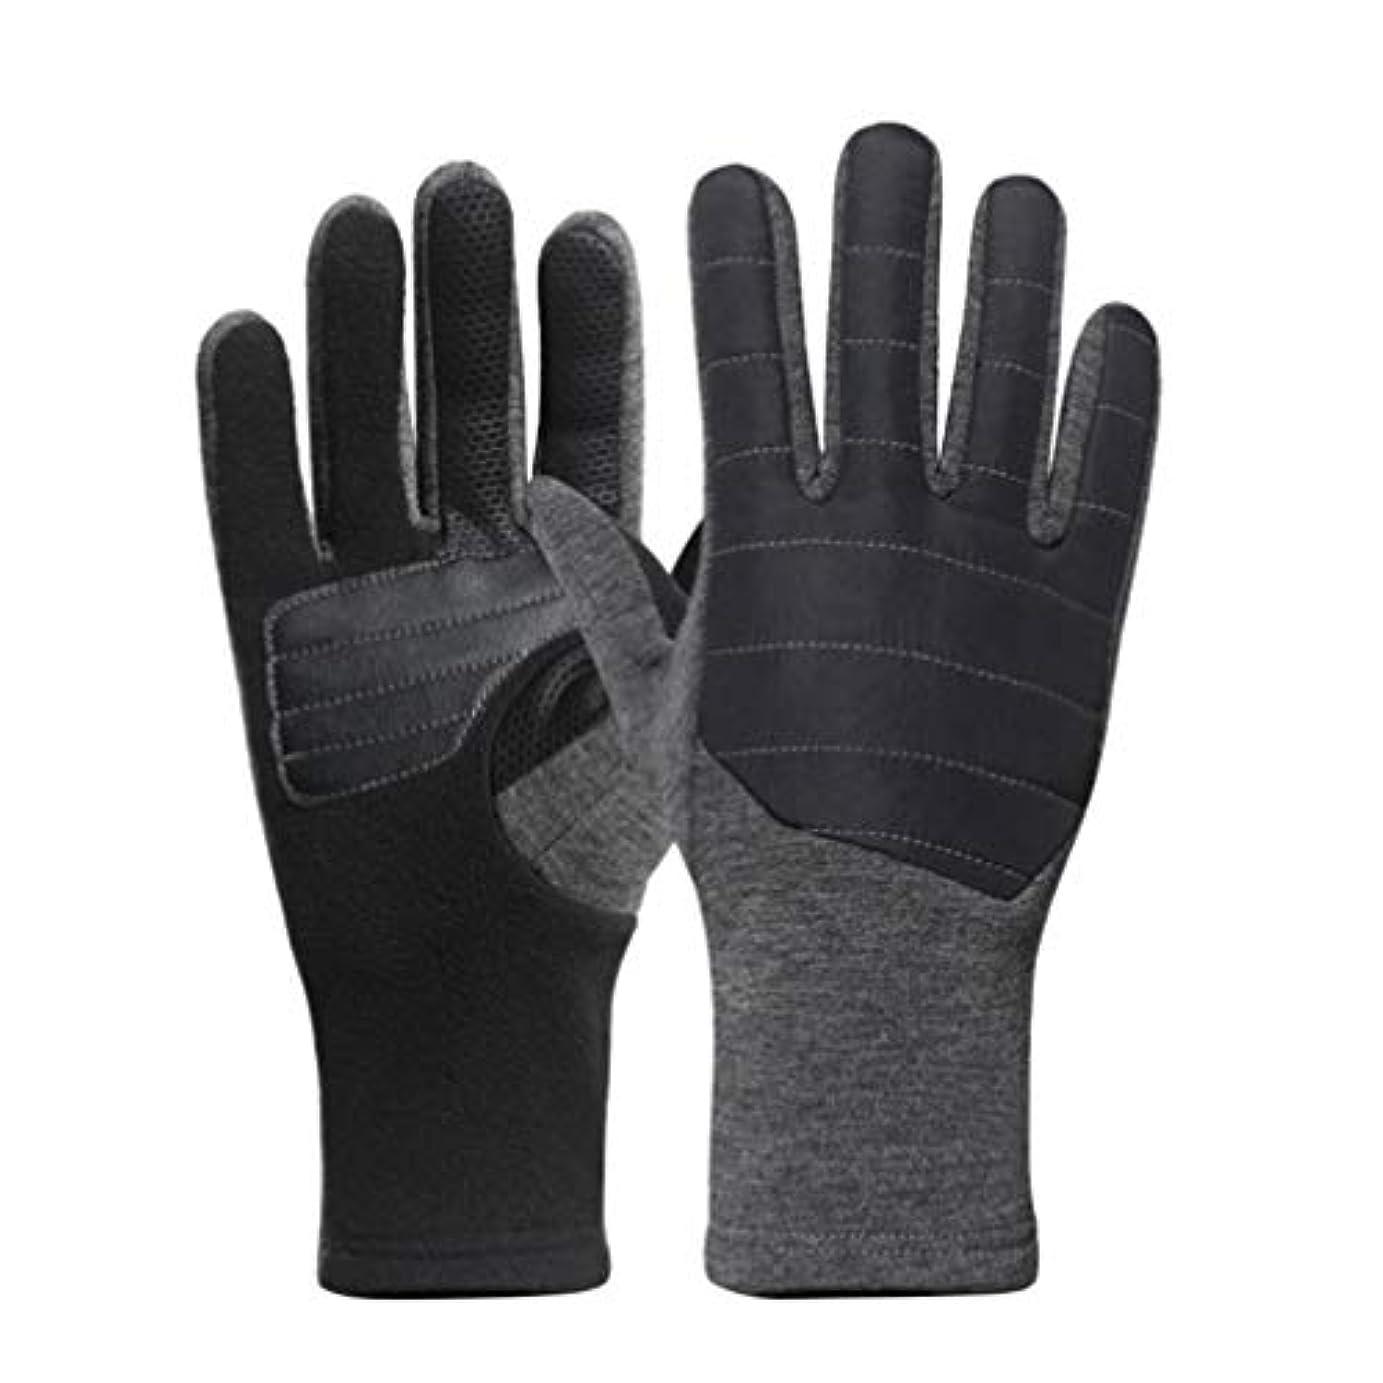 圧力訴える空虚LIOOBO 1ペア男性フリース手袋タッチスクリーン指手袋ぬいぐるみ冬手袋暖かい手衣装屋外乗馬登山ハイキング